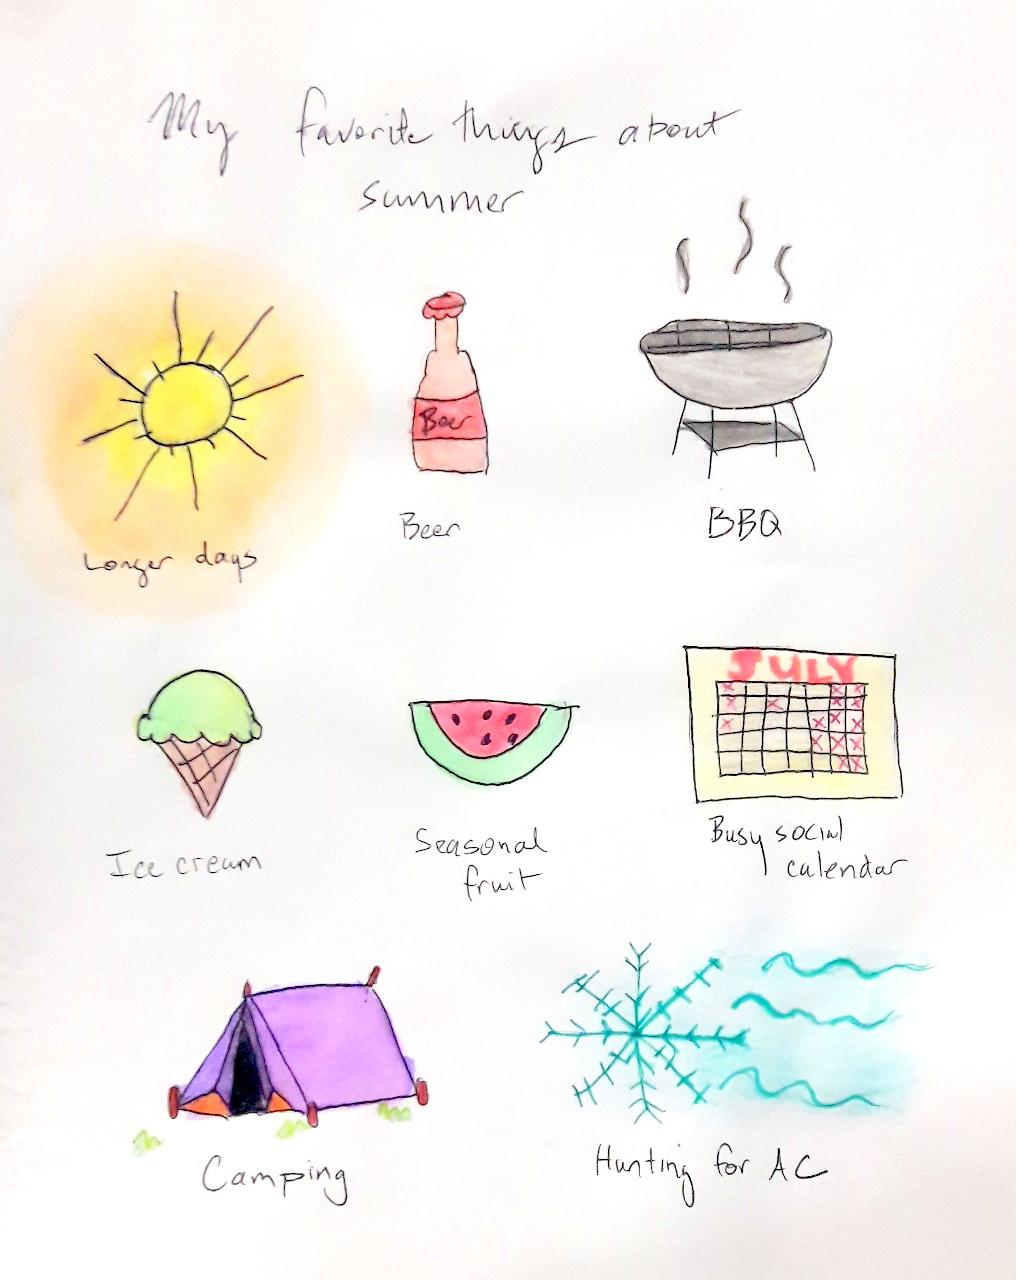 sketch summer favorite things